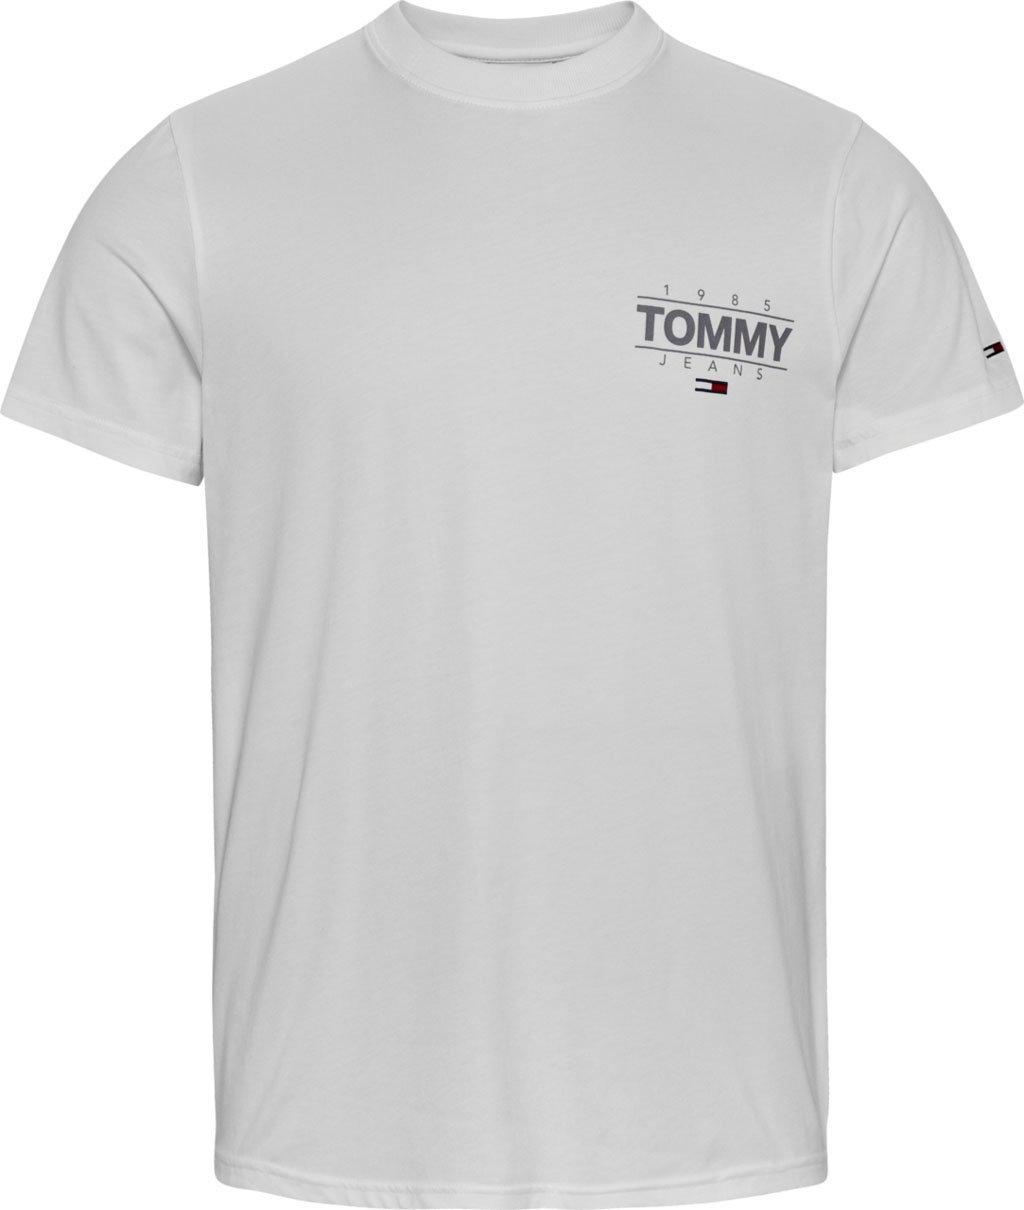 TOMMY JEANS T-shirt TJM SLIM STRETCH METALLIC TEE voordelig en veilig online kopen